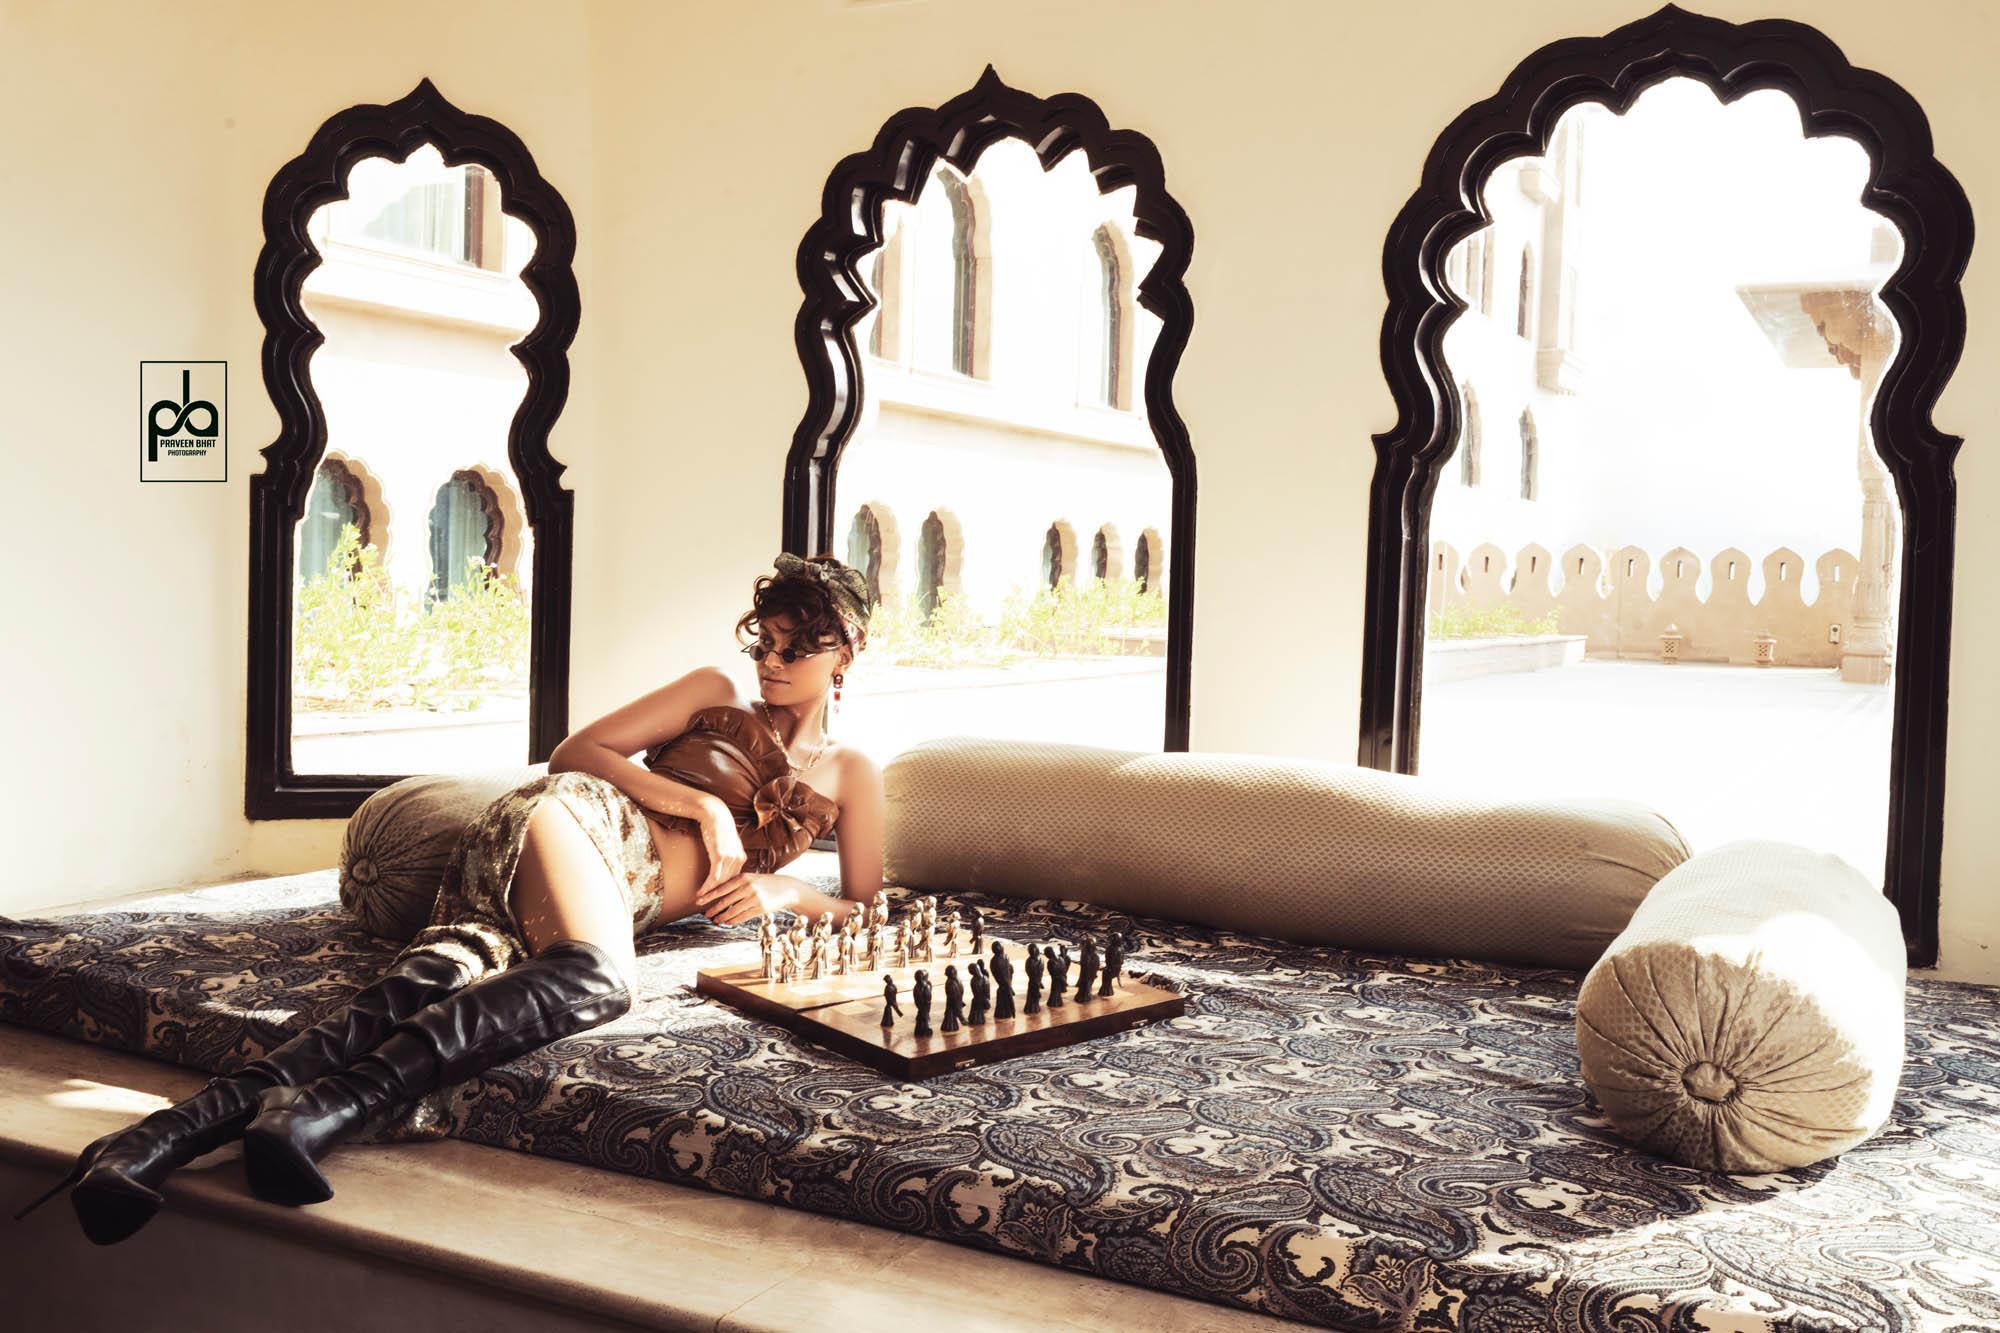 femina miss india winner